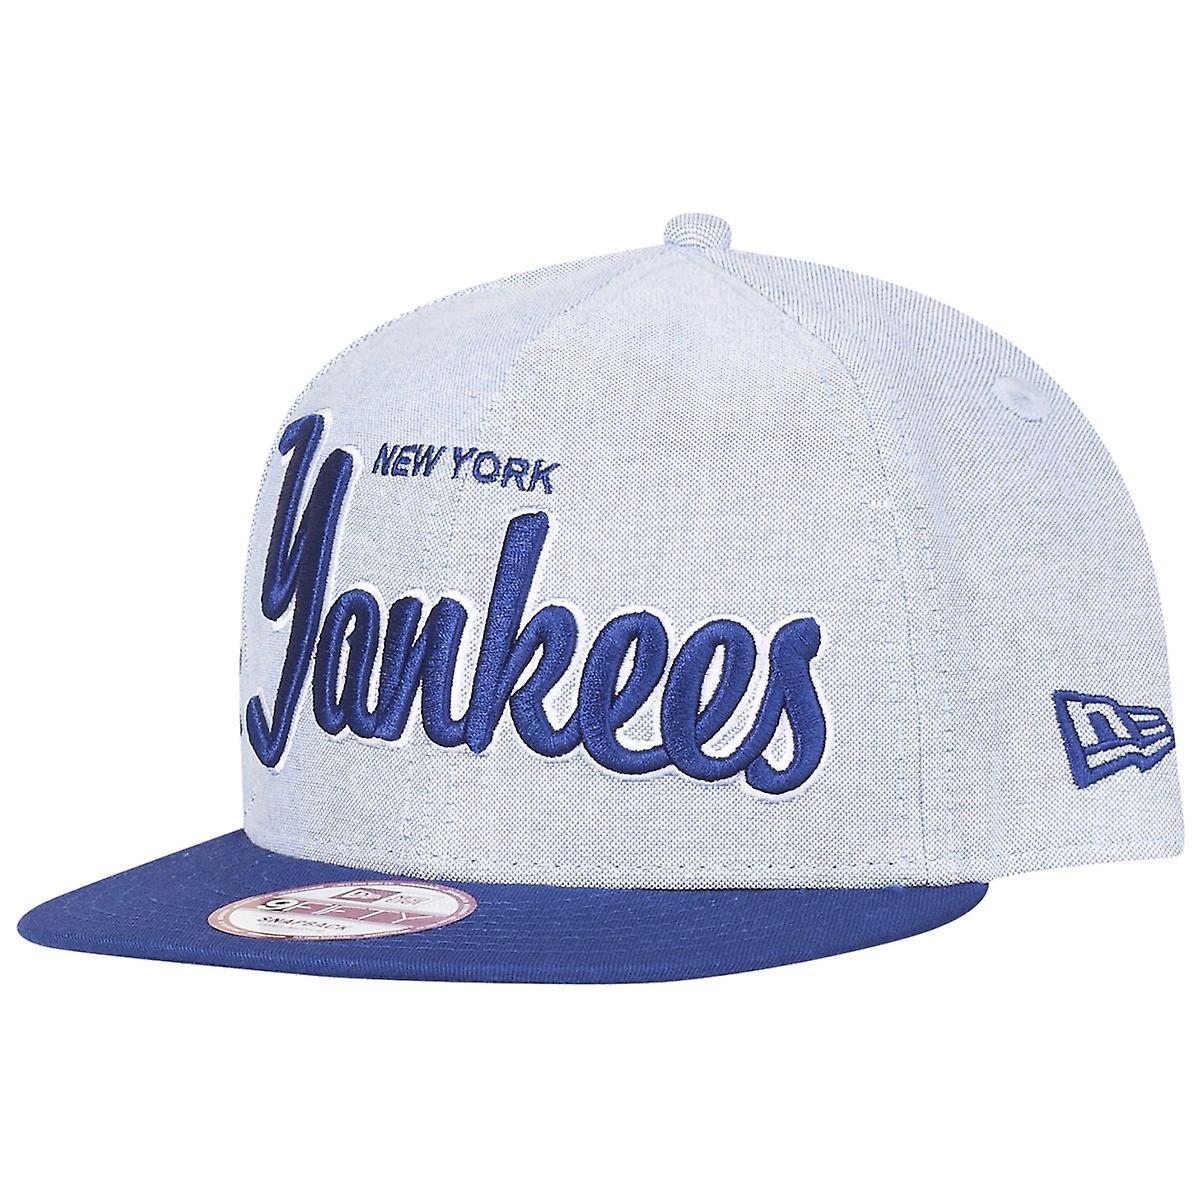 585a4715e42 New era 9Fifty Snapback Cap - RETRO NY Yankees sky blue